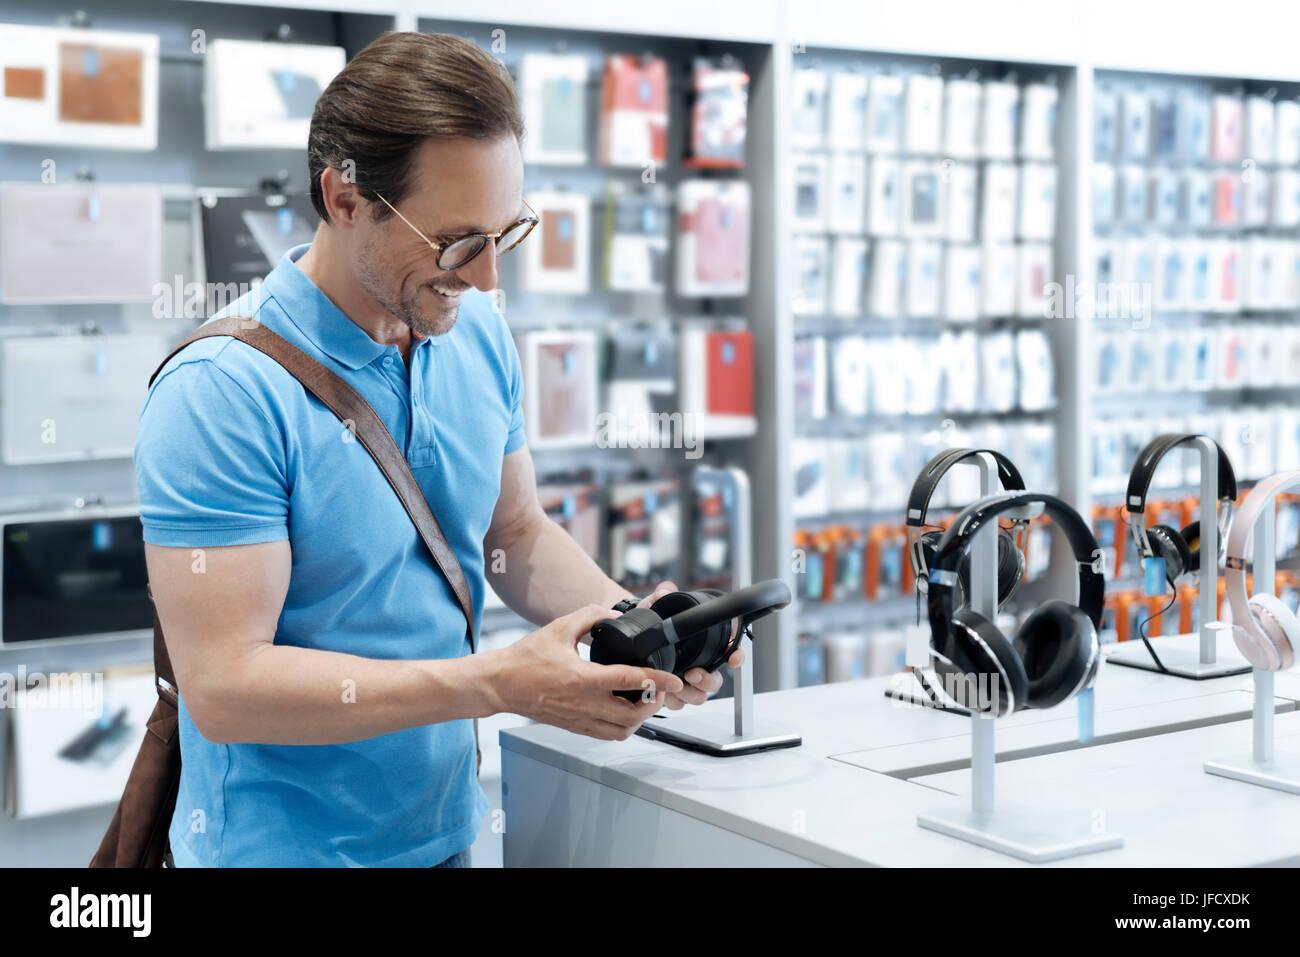 Creo que estos son nuevos. Hombre positivo llevar vestimenta casual transmitir mientras está de pie en una Imagen De Stock